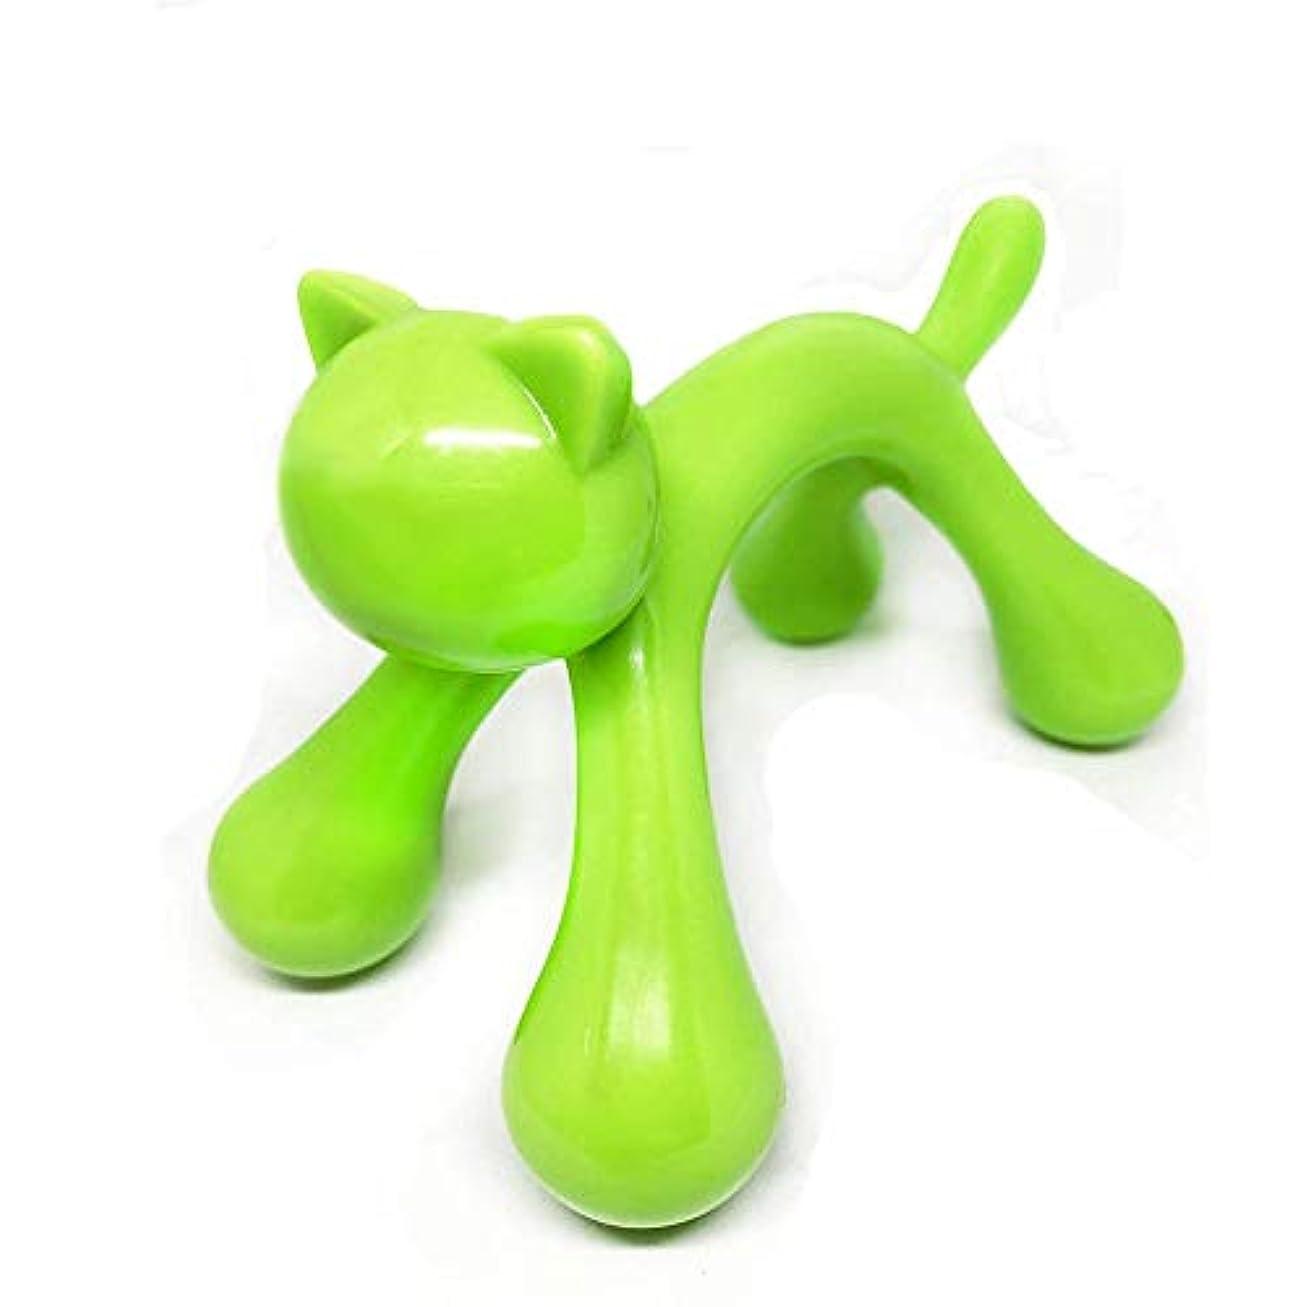 香港なだめるいくつかのhomewineasy マッサージ棒 ツボ押し マッサージ台 握りタイプ にゃんこ マッサージ 可愛い 猫型 ネコ型 背中 首 足裏 肩こり 疲労回復 血行促進 グリーン